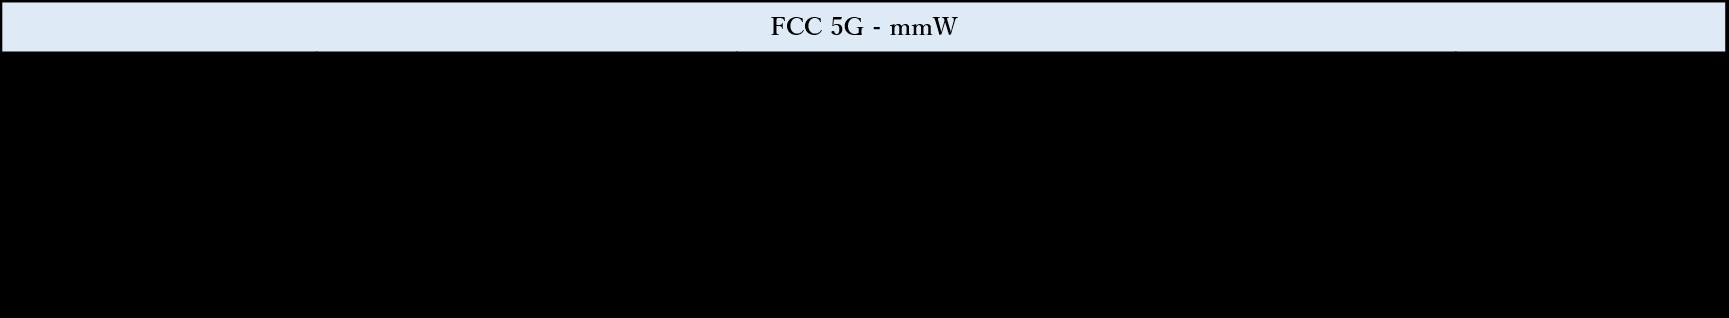 テスト項目– FCC RF テスト